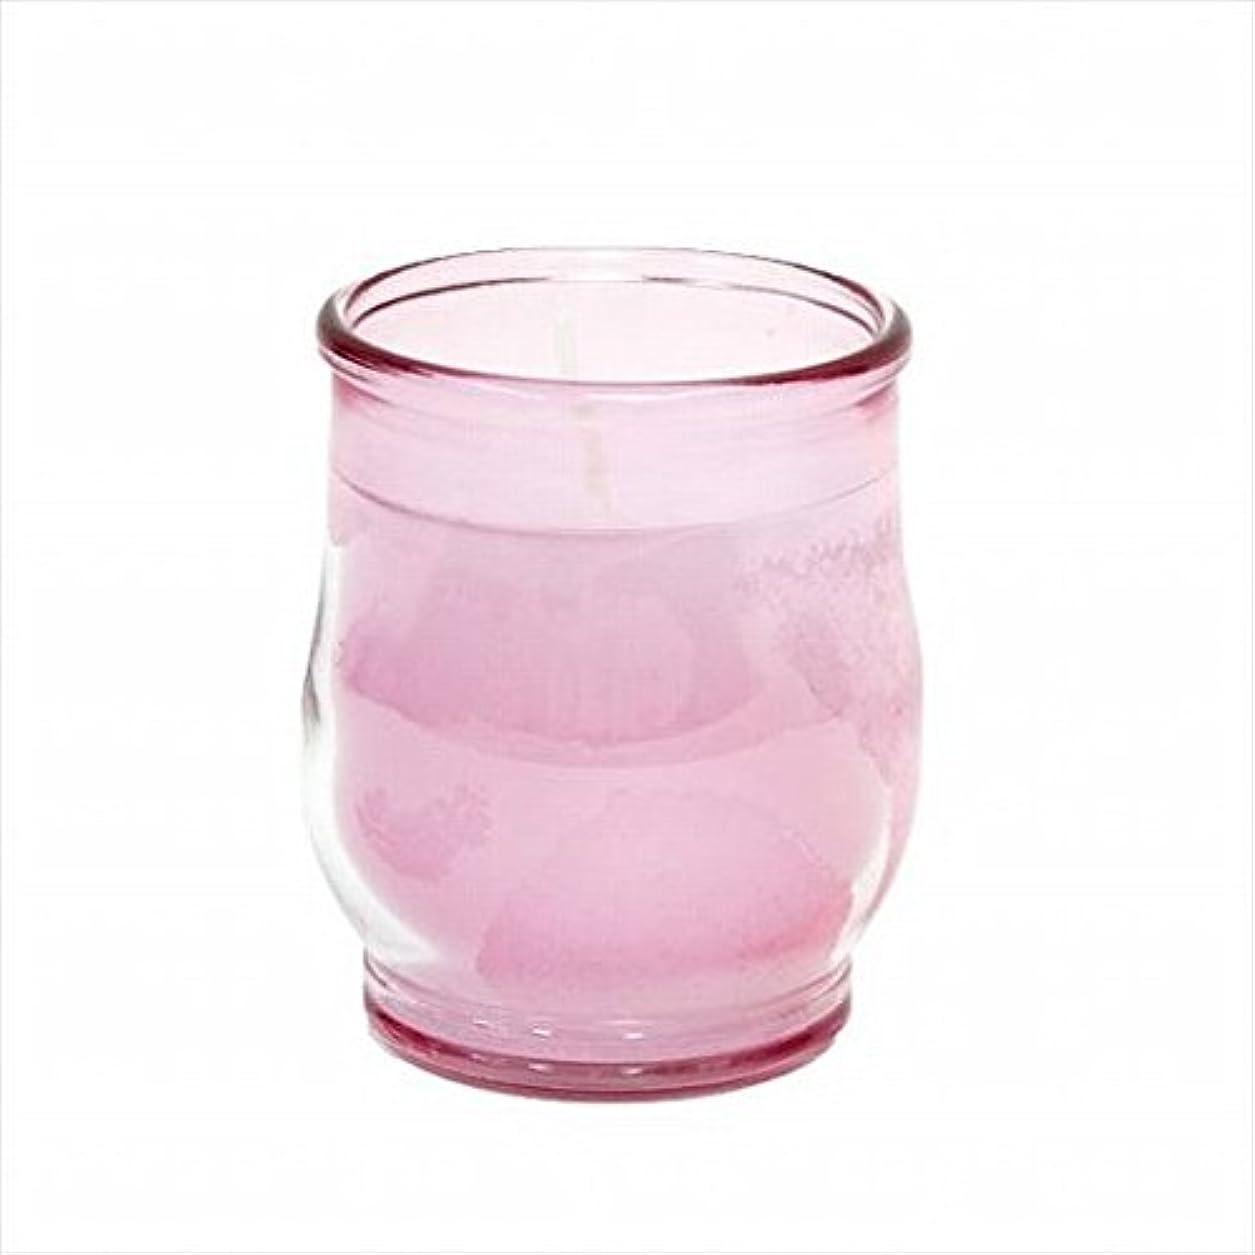 身元ミッション遠近法kameyama candle(カメヤマキャンドル) ポシェ(非常用コップローソク) 「 ピンク(ライトカラー) 」 キャンドル 68x68x80mm (73020030P)